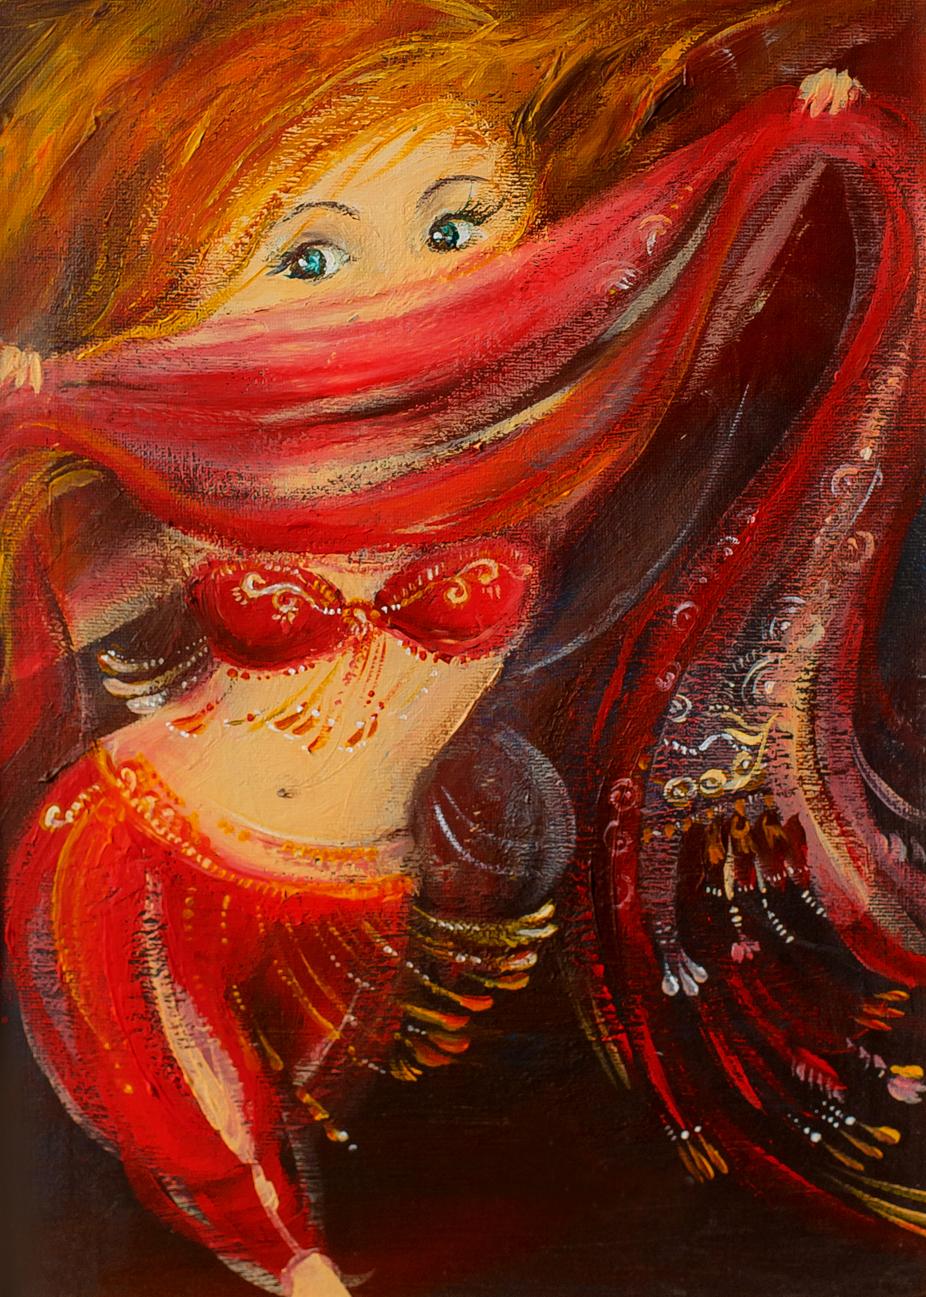 Тацовщица-фея